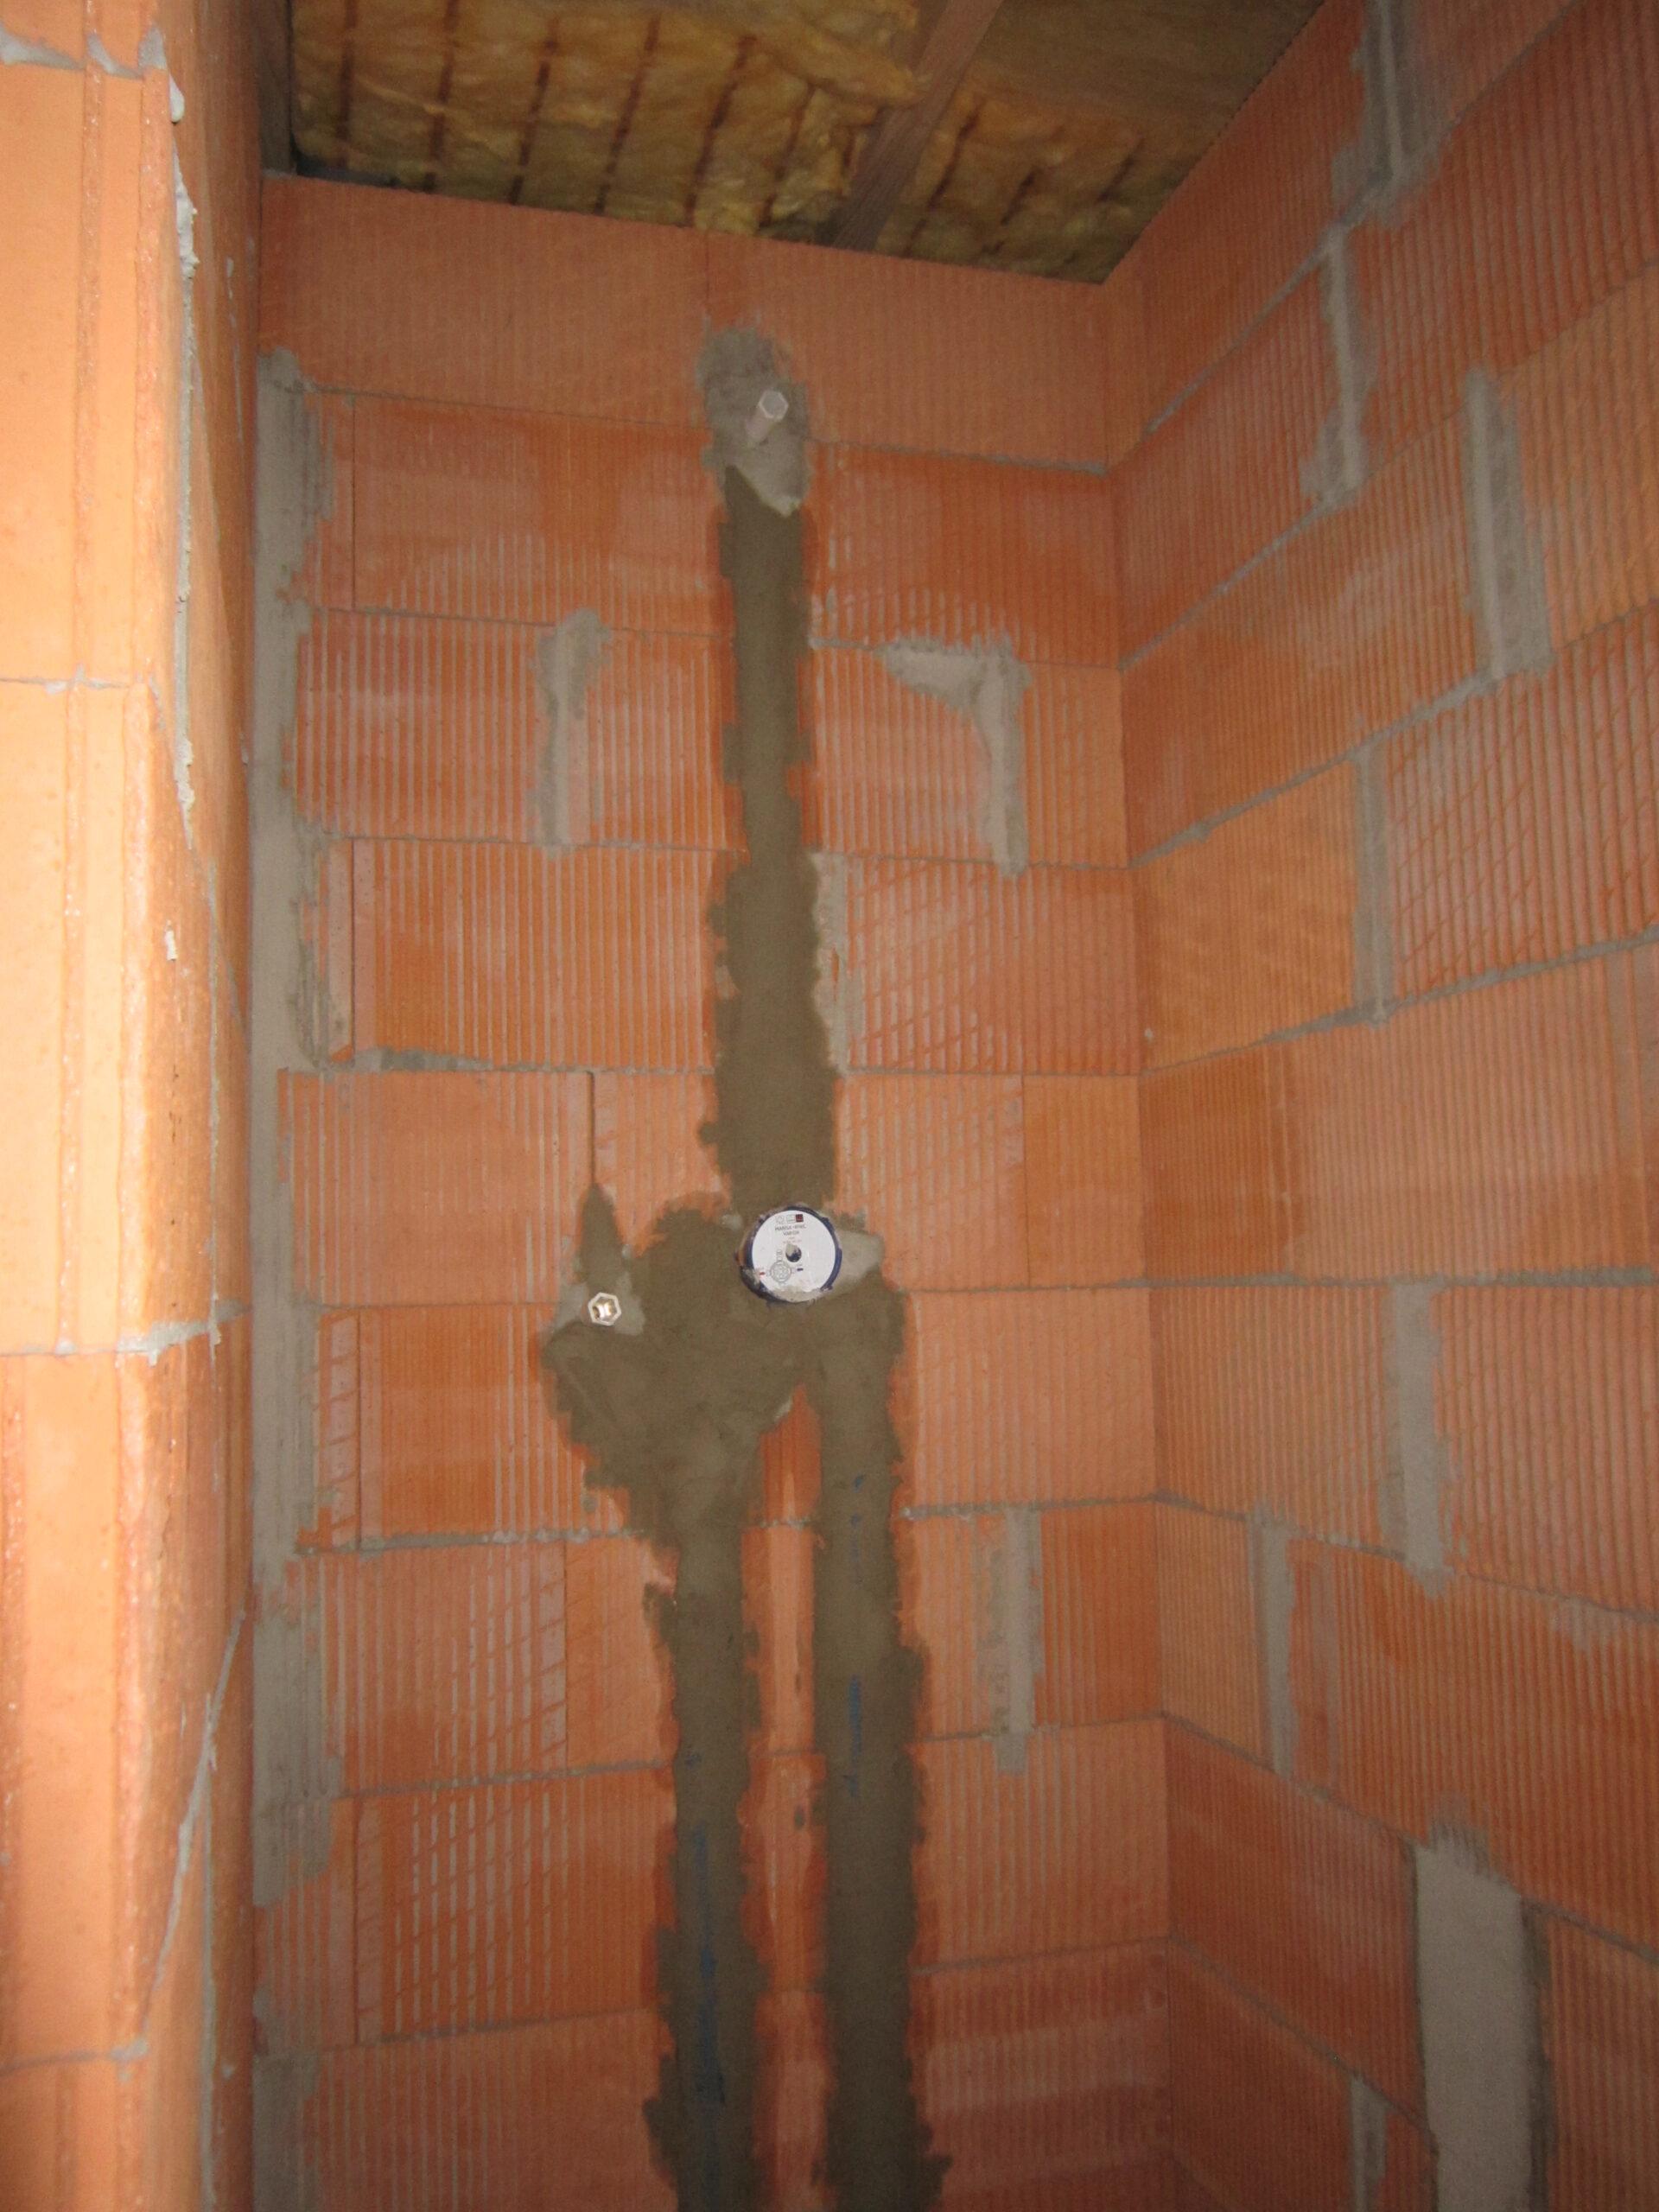 Full Size of Dusche Unterputz Armatur Unterputzarmatur Hausbaublog Hillerse Glaswand Bodengleiche Einbauen Ebenerdig Nachträglich Begehbare Fliesen Behindertengerechte Dusche Dusche Unterputz Armatur